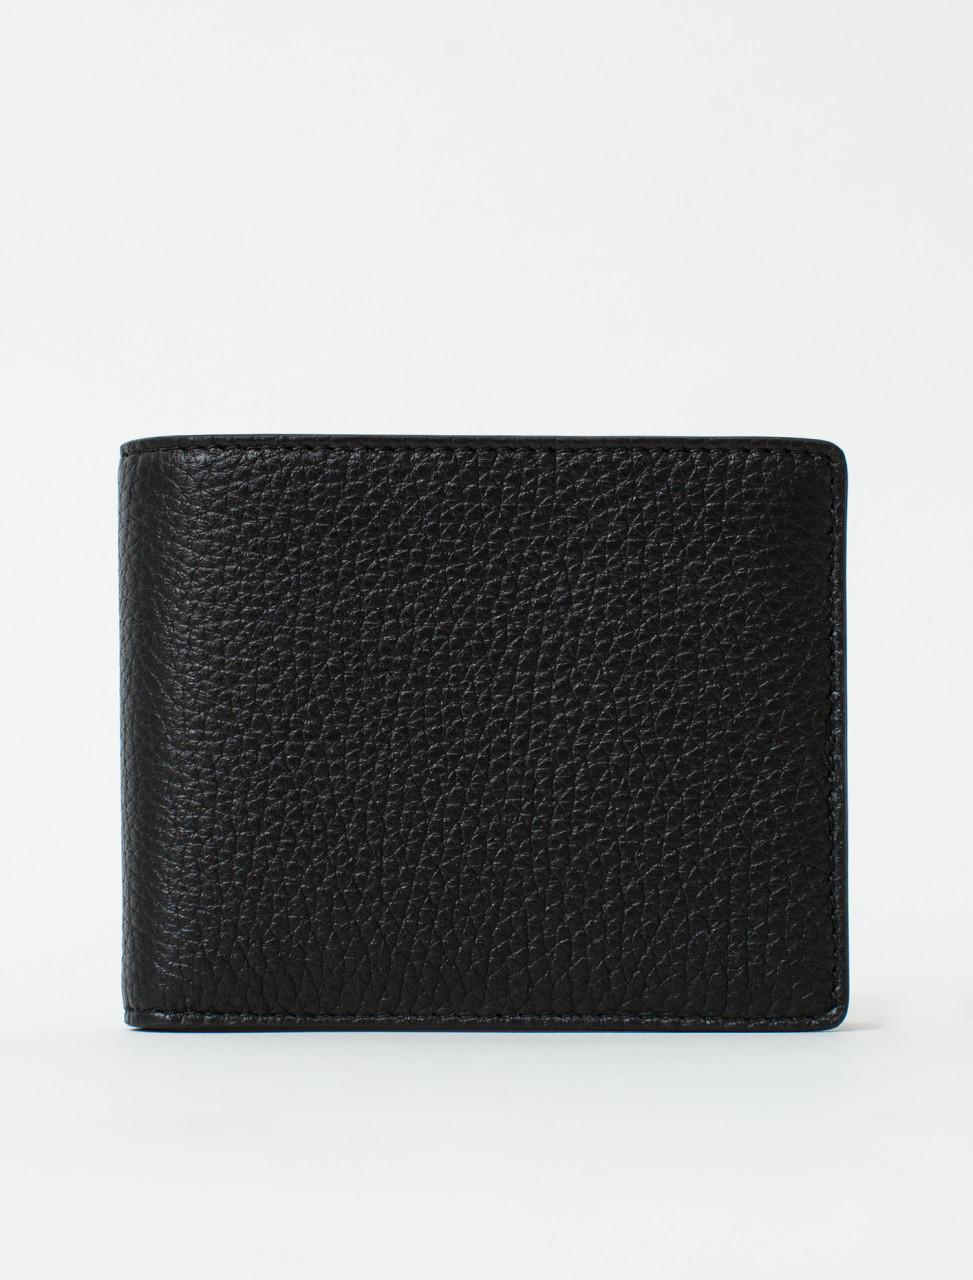 Bi-Fold Wallet in Black